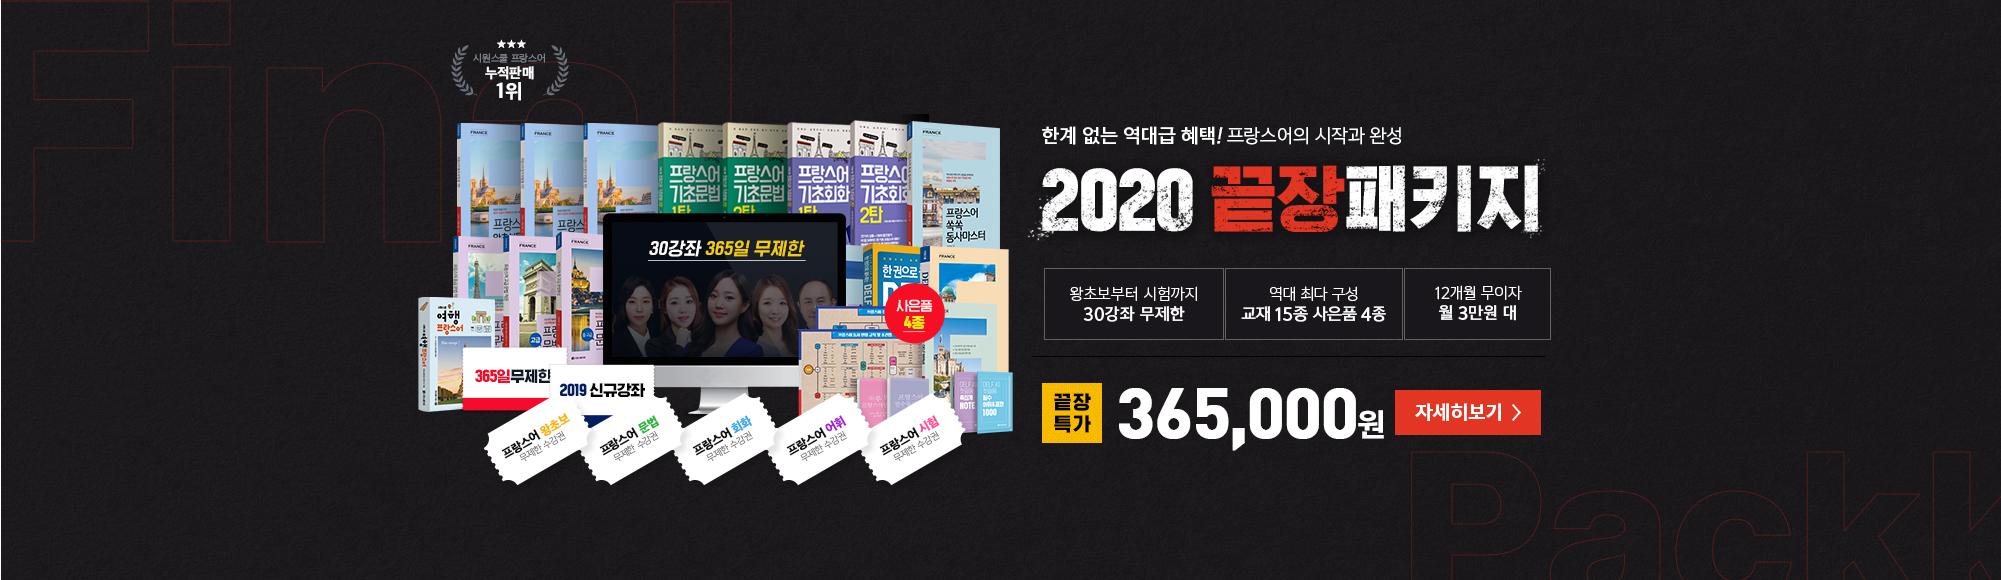 [판매 1위] 2020 끝장패키지